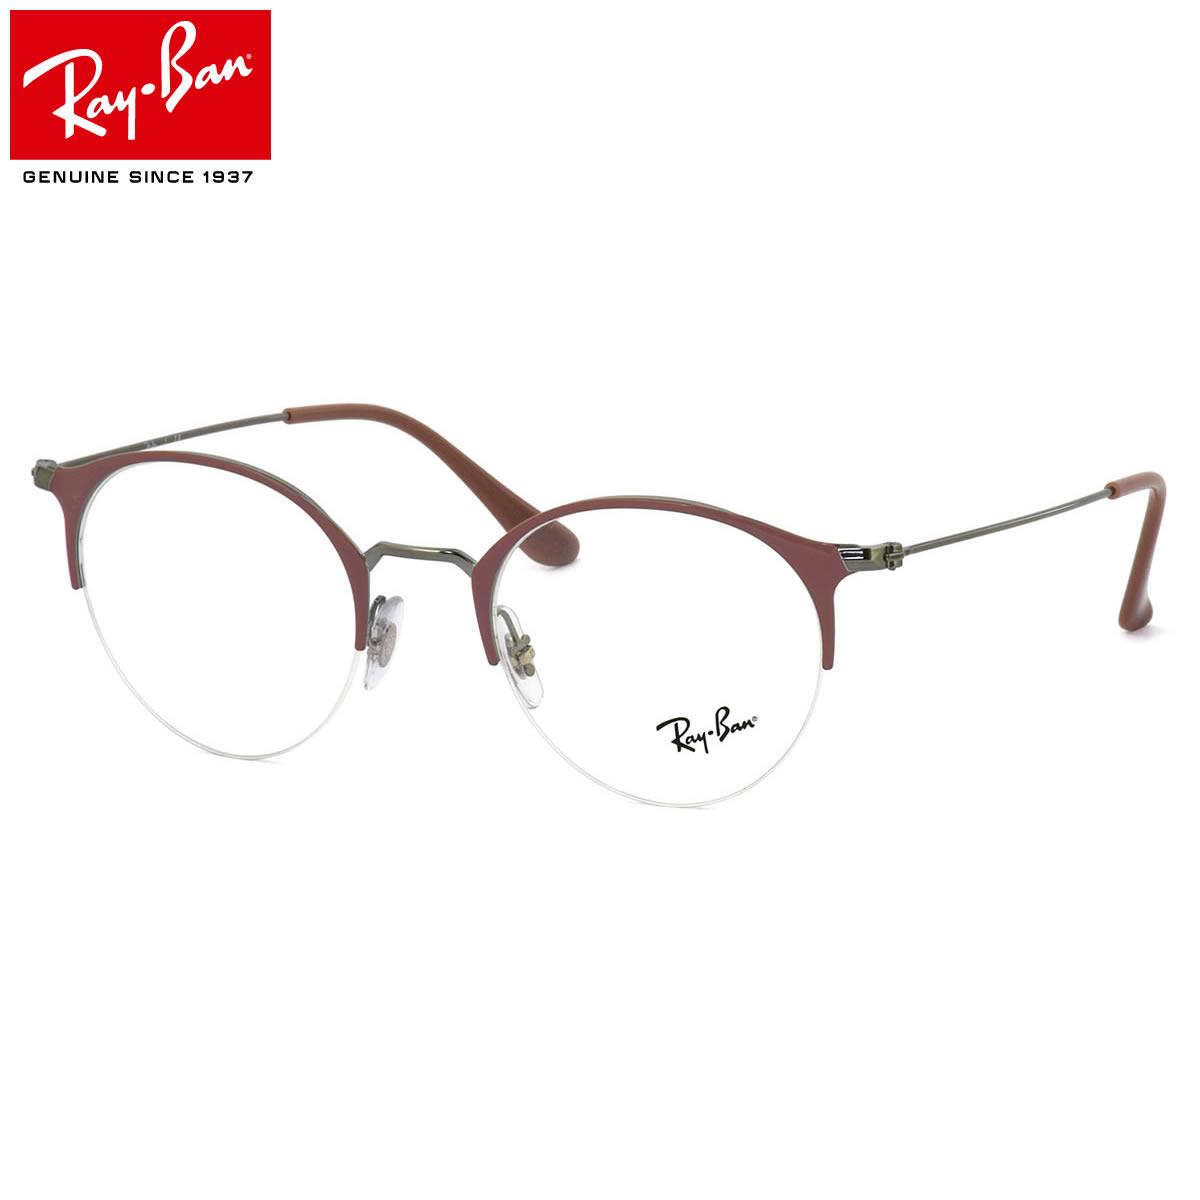 Ray-Ban レイバン メガネ RX3578V 2907 48サイズ HIGHSTREET ハイストリート ボストン ブロー ナイロール ハーフリム フラット 丸メガネ 軽量 レイバン RayBan メンズ レディース